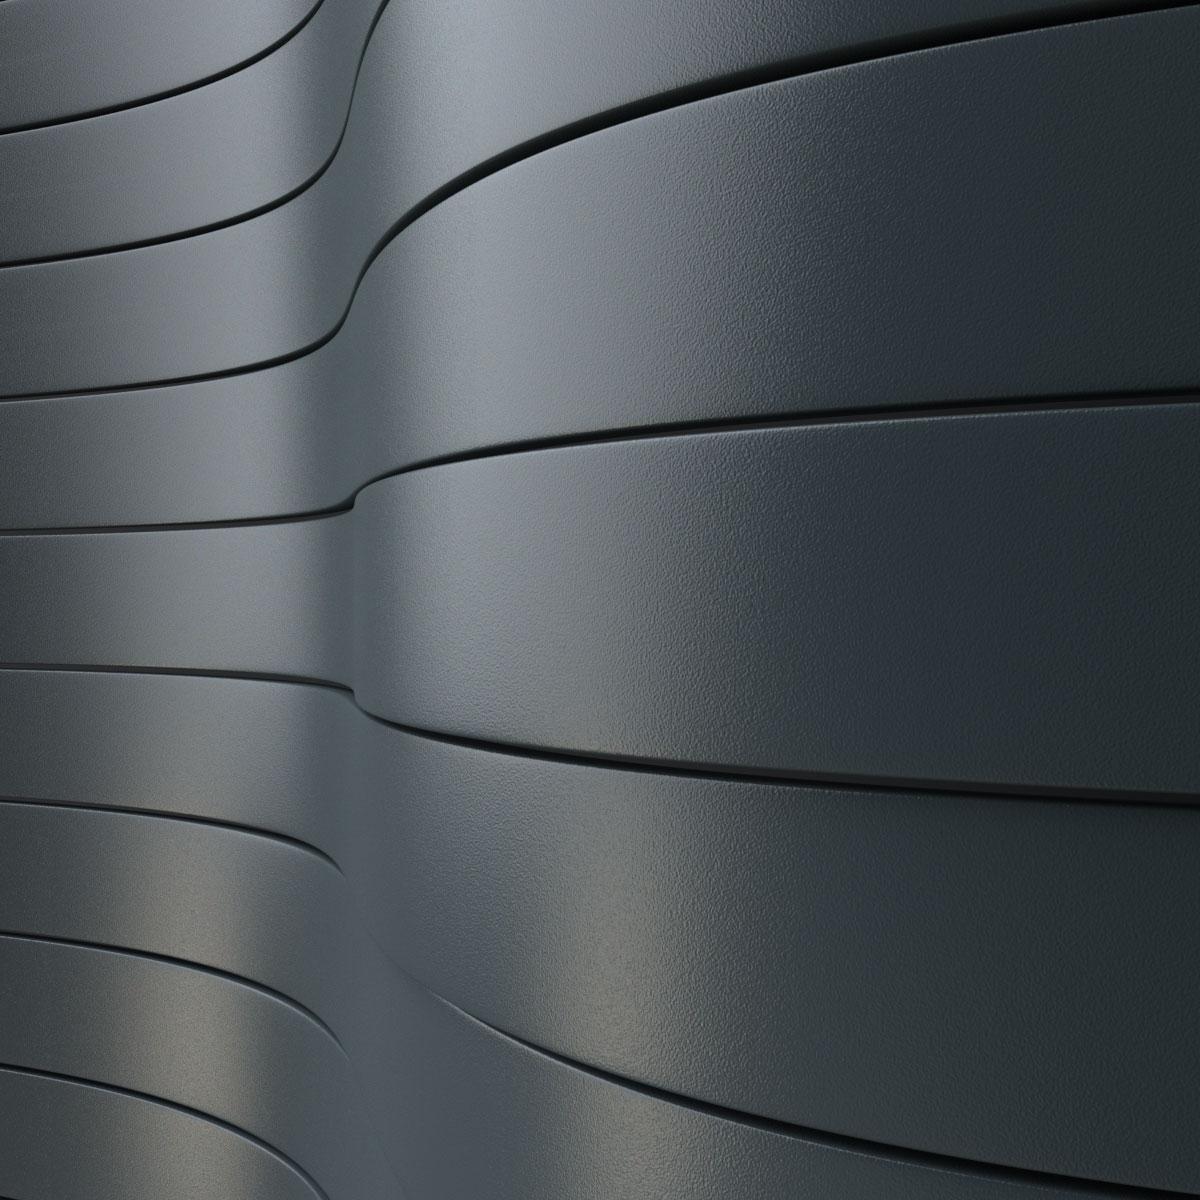 Štrukturovaná matná farba RAL 7016 TIGER pre hliníkové dvere